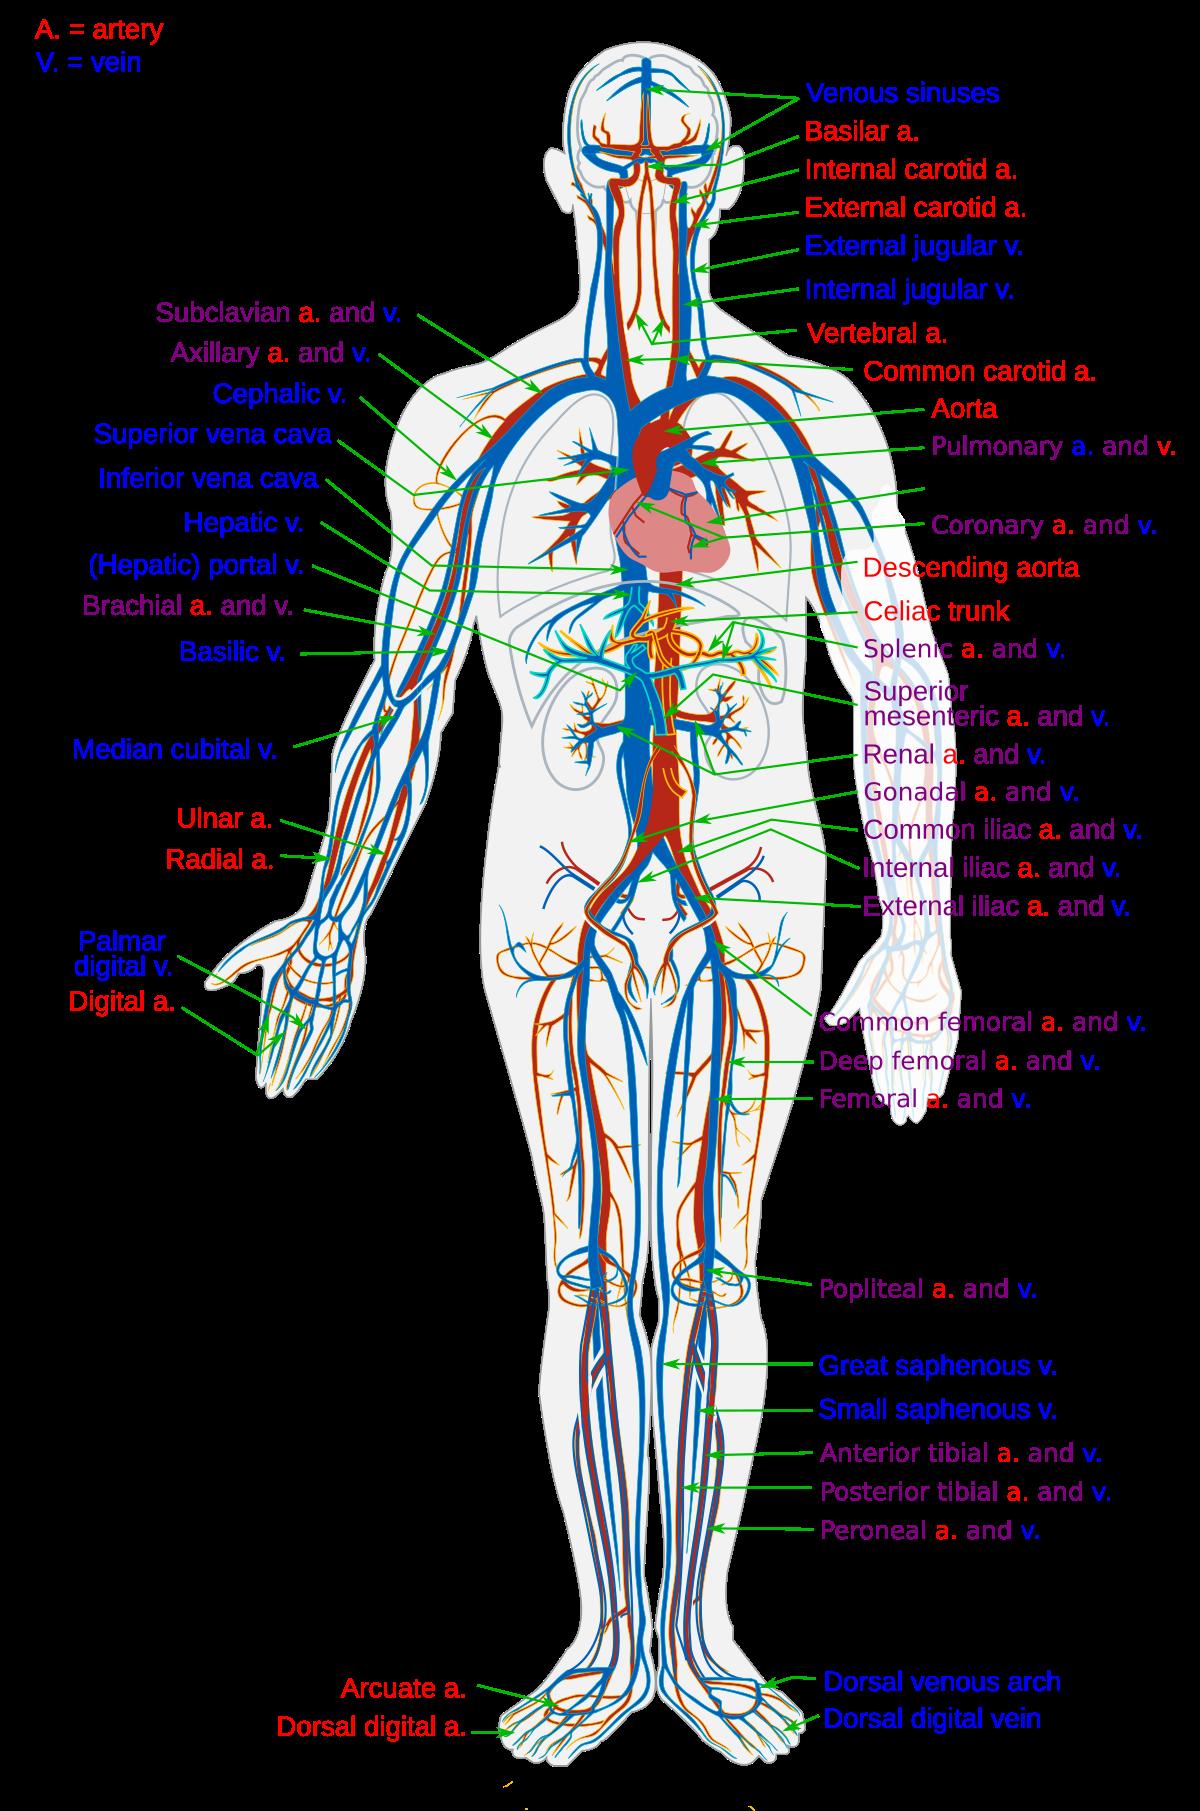 kaip padidinti lytiniu organu vyra kaip praskiesti furaciliną varpos plovimui